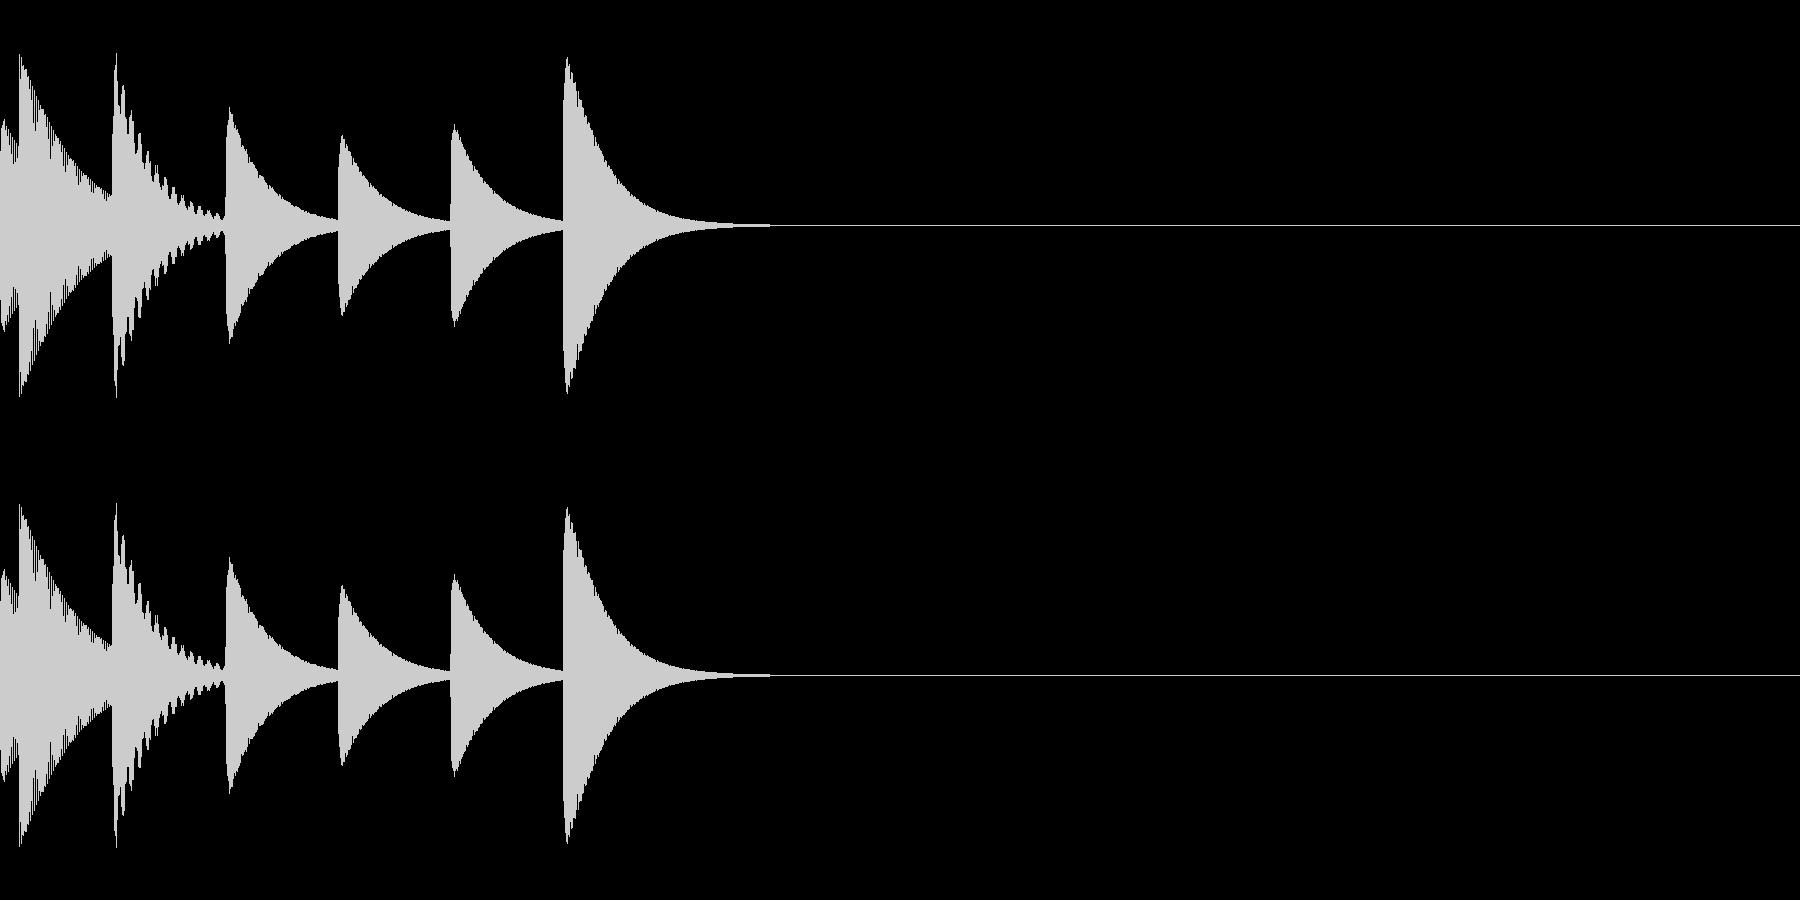 アイキャッチ/システム音/エラー音/2の未再生の波形